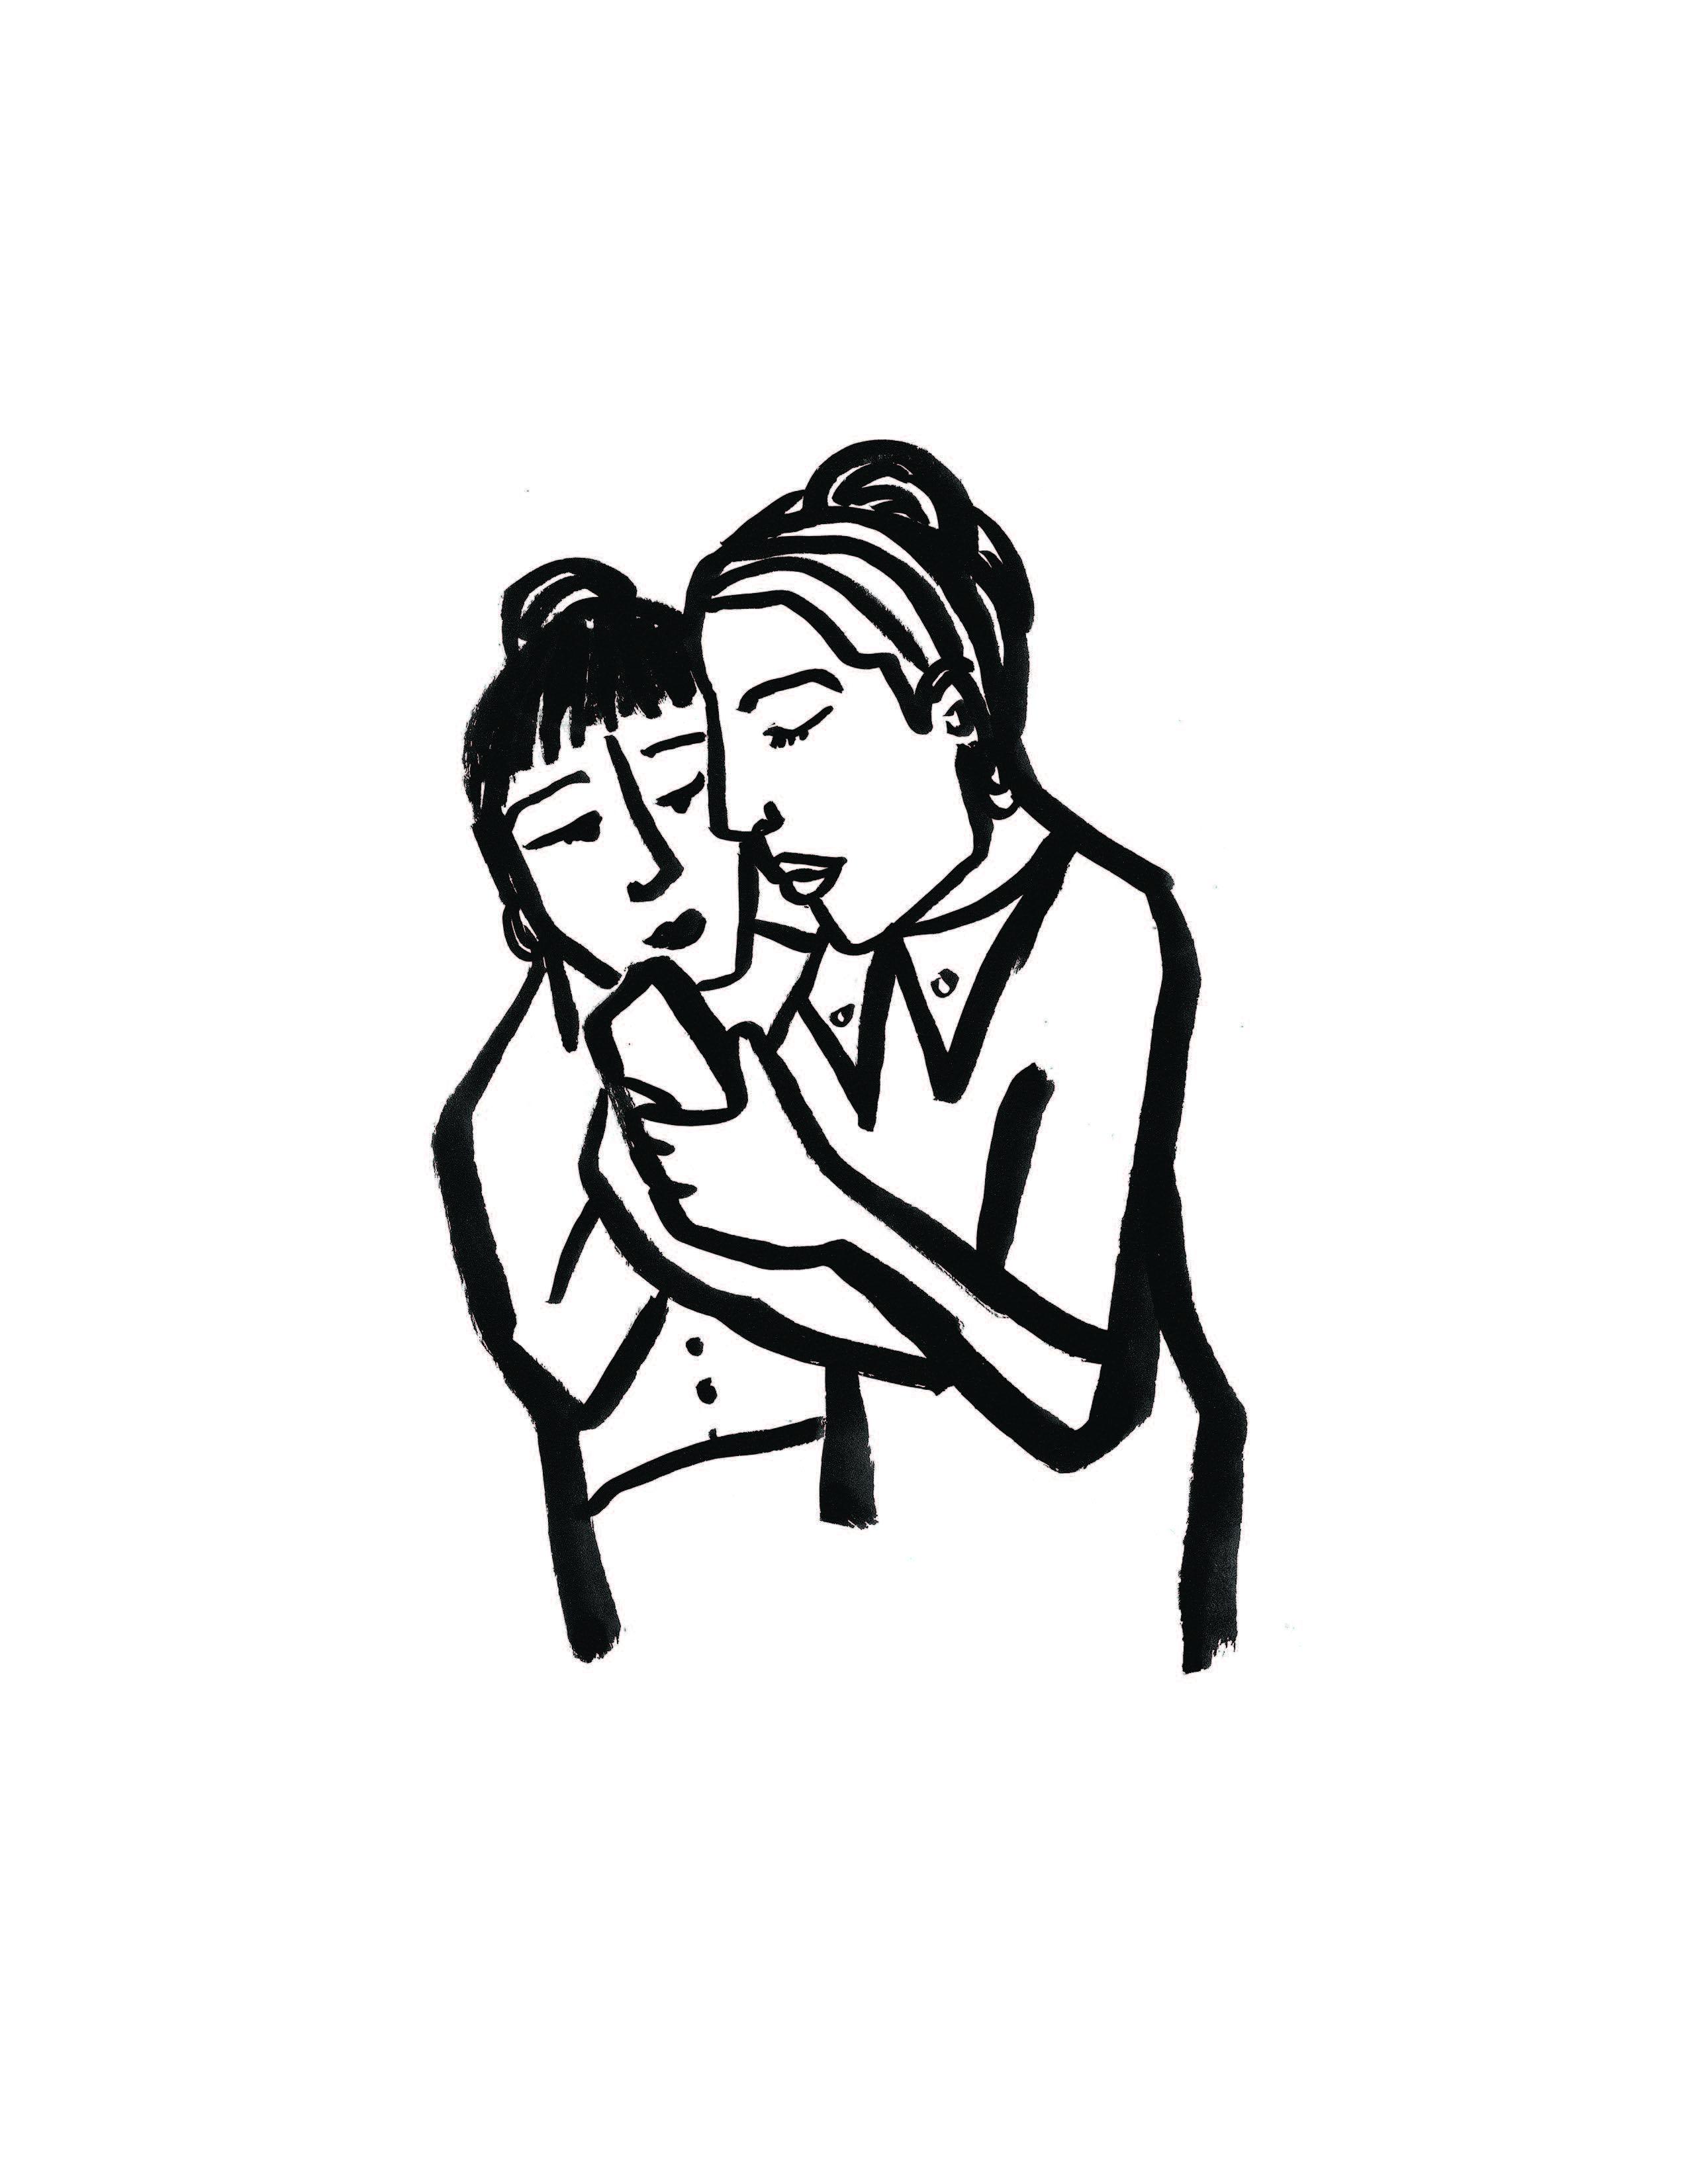 ladies_drawings_8.5x11_Page_05